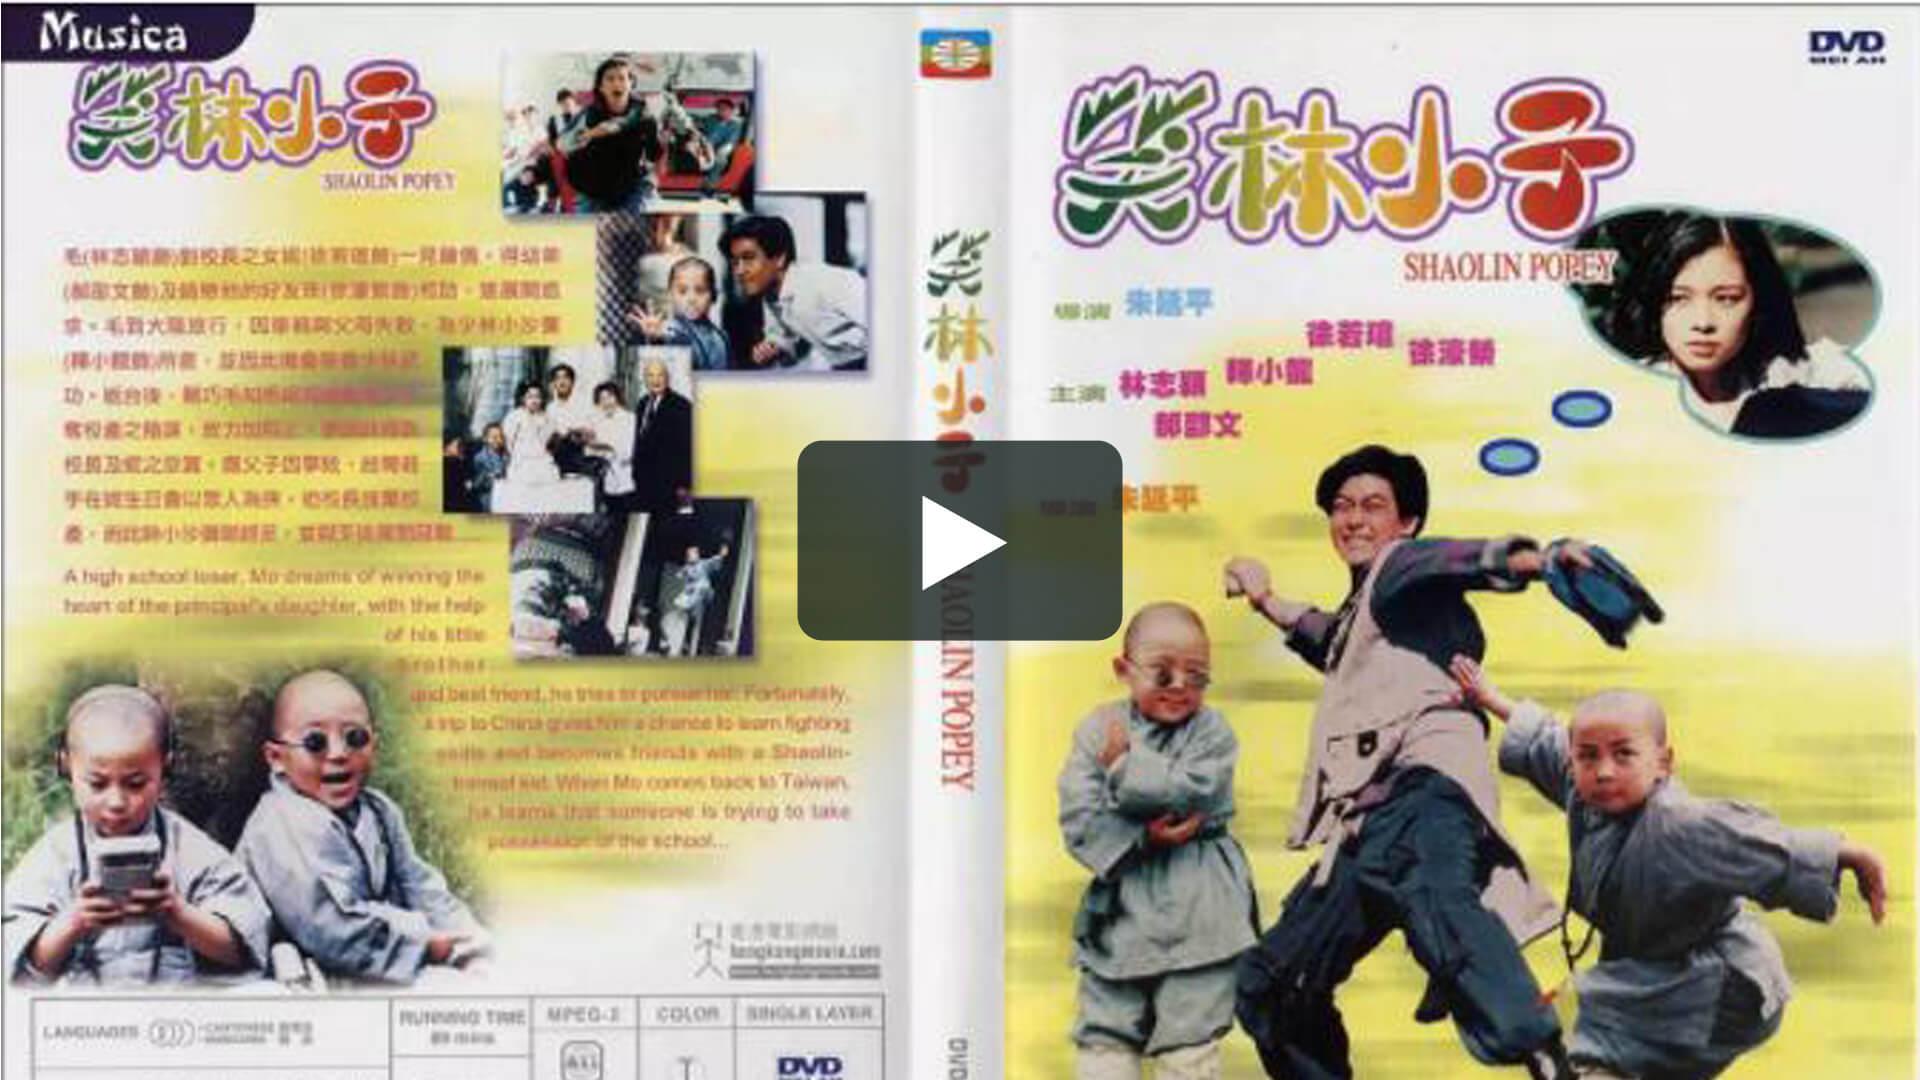 笑林小子 - Shaolin Popey